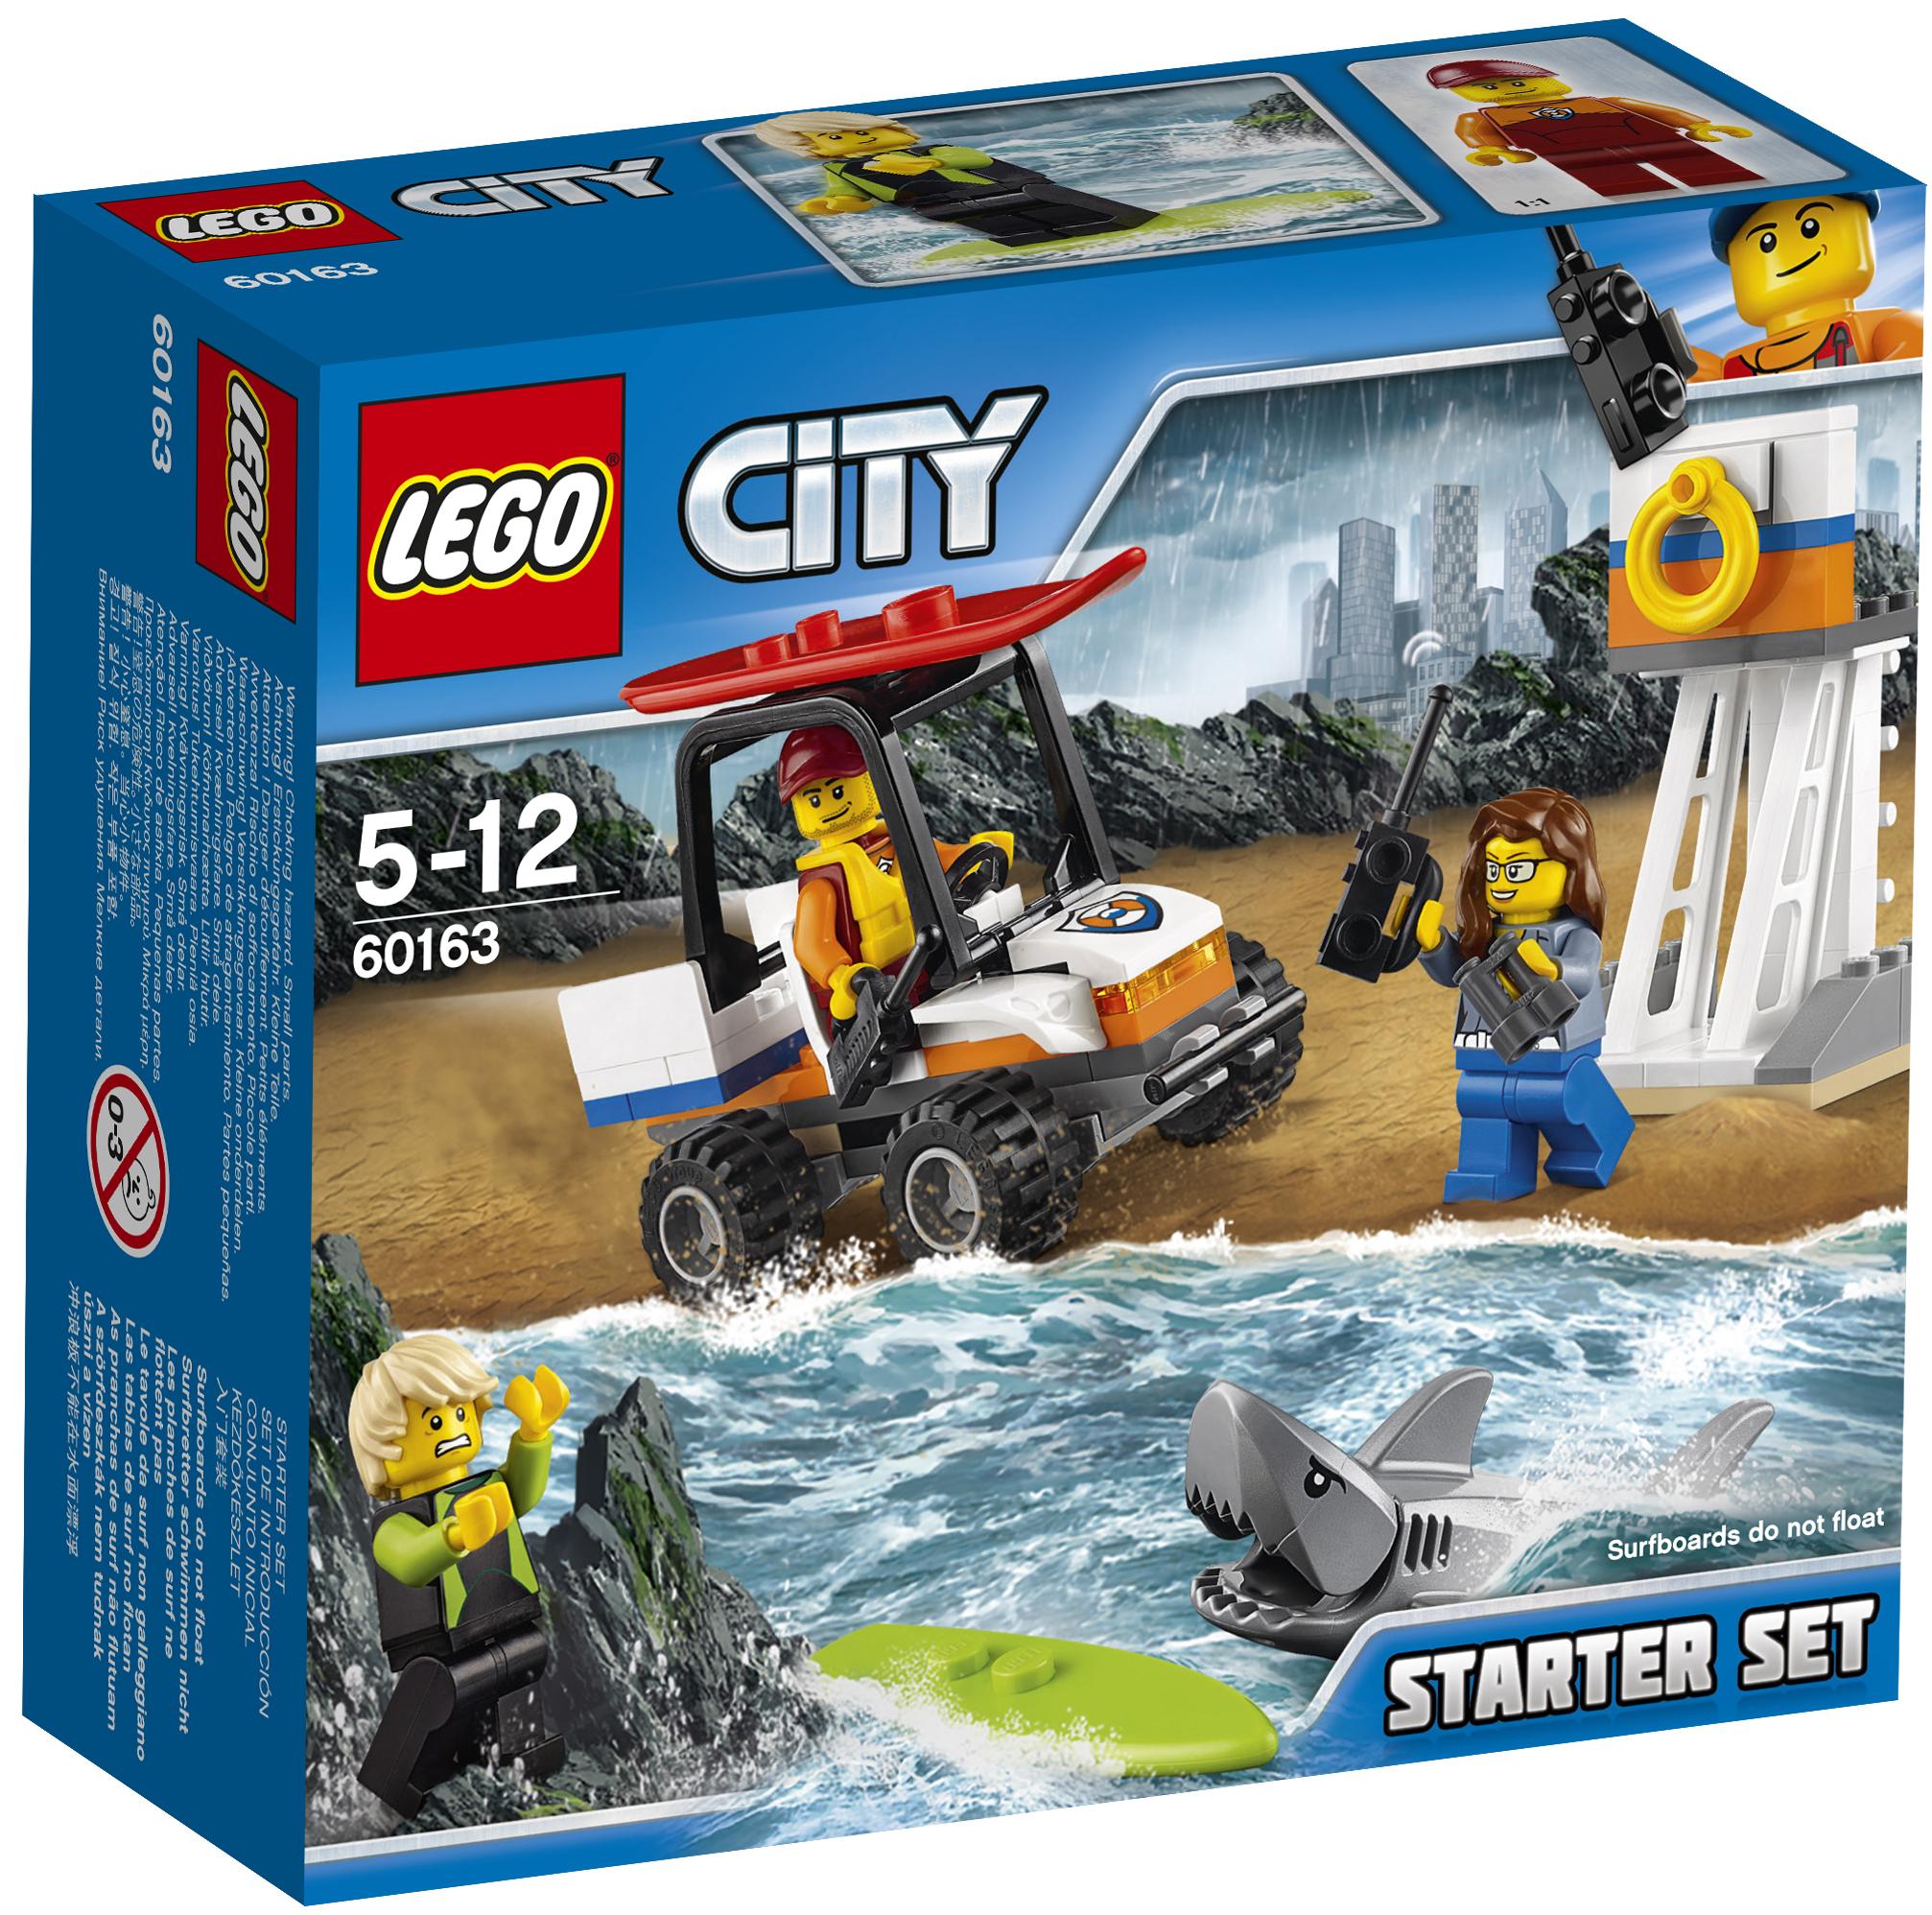 LEGO LEGO Конструктор LEGO City Coast Guard 60163 Набор для начинающих «Береговая охрана» конструктор lego city jungle explorer 60157 набор джунгли для начинающих